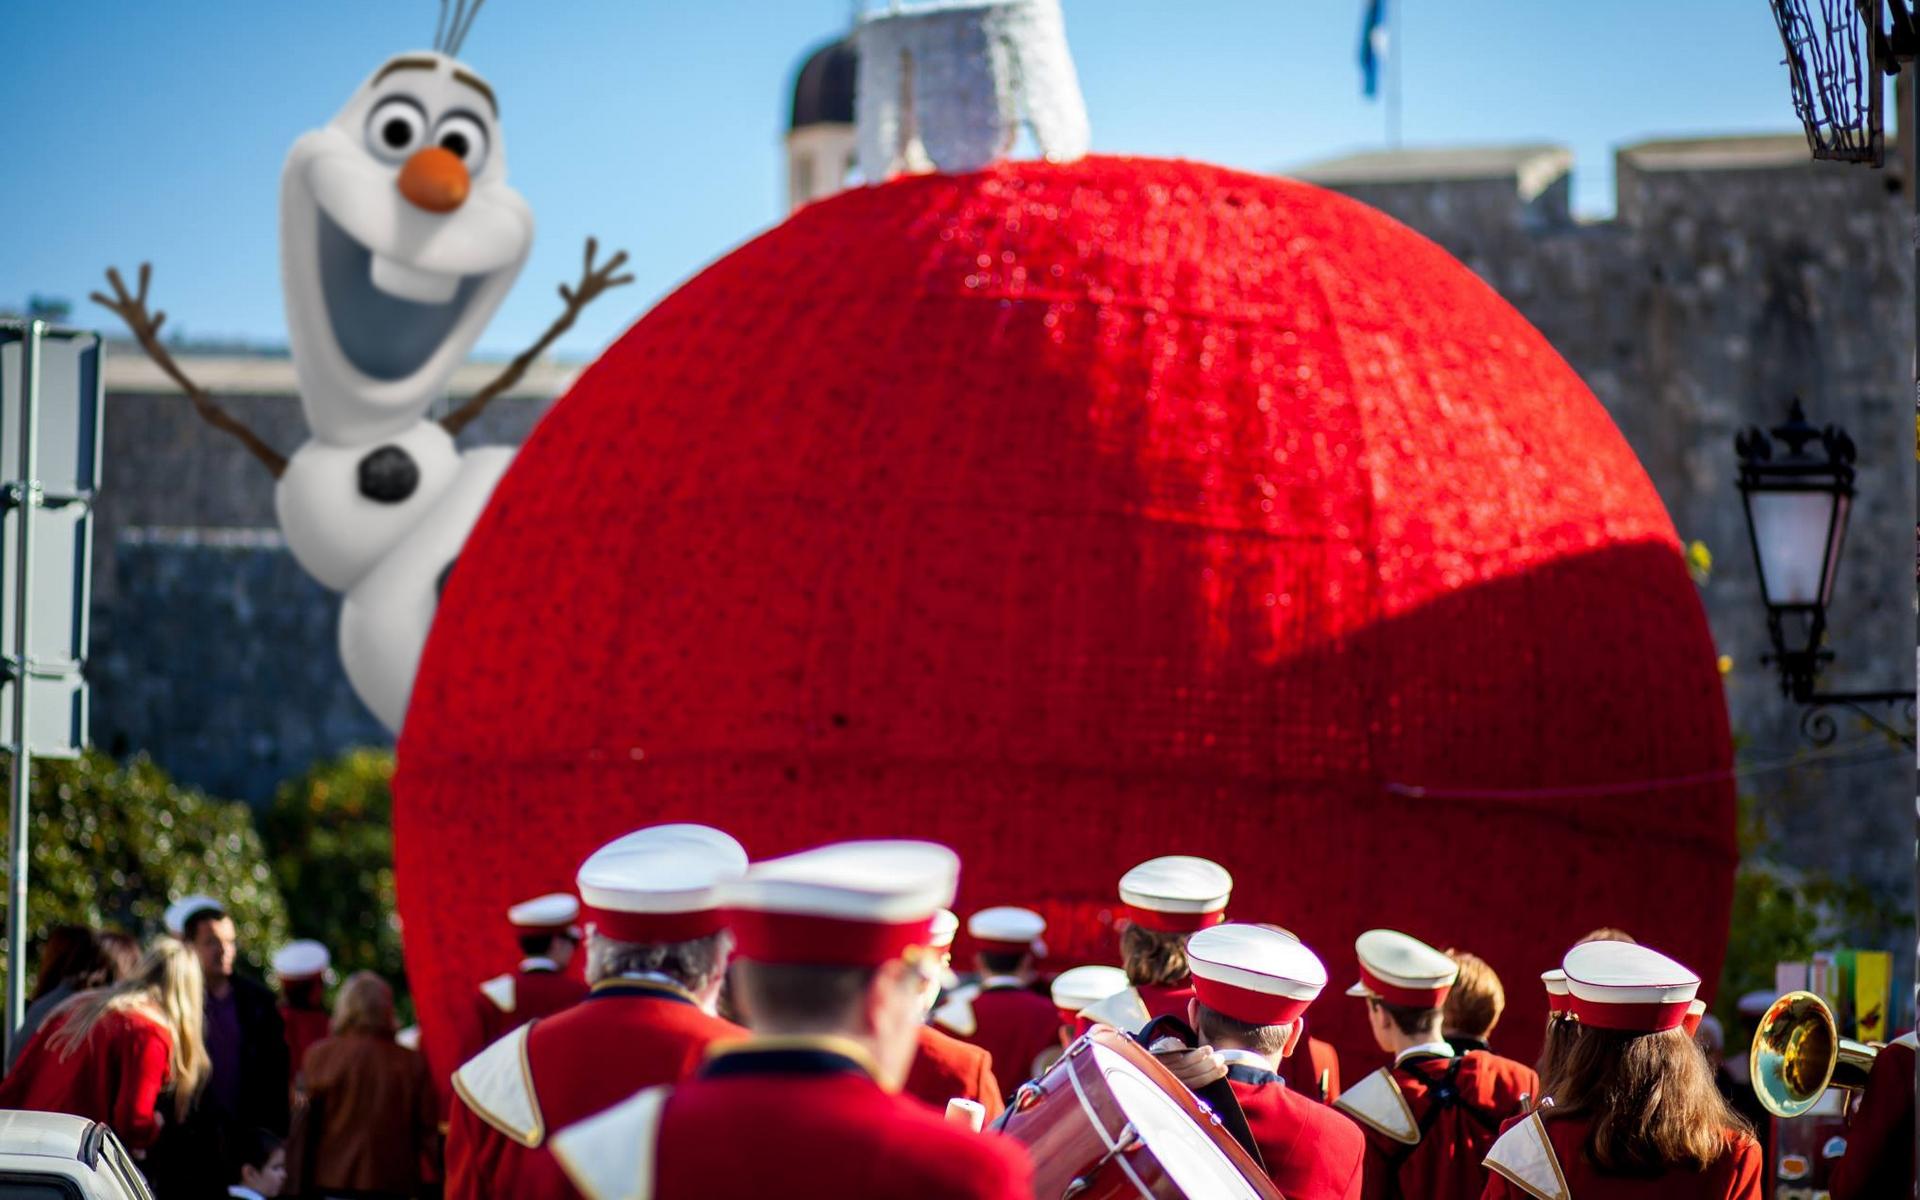 Dubrovnik Winter Festival Olaf Frozen Snowman